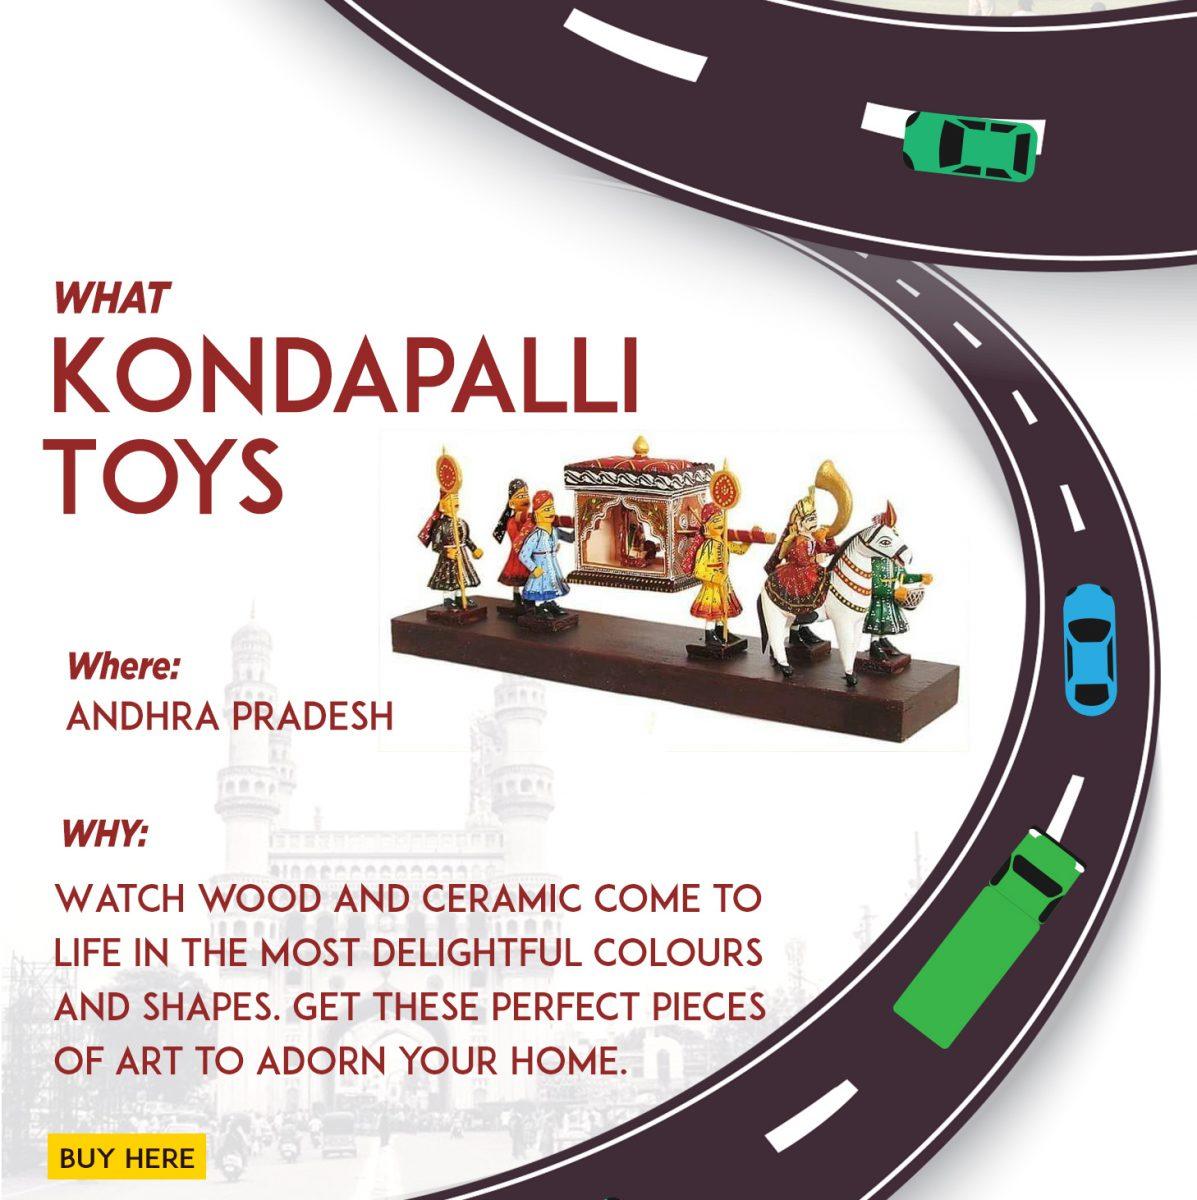 kondapalli toys india